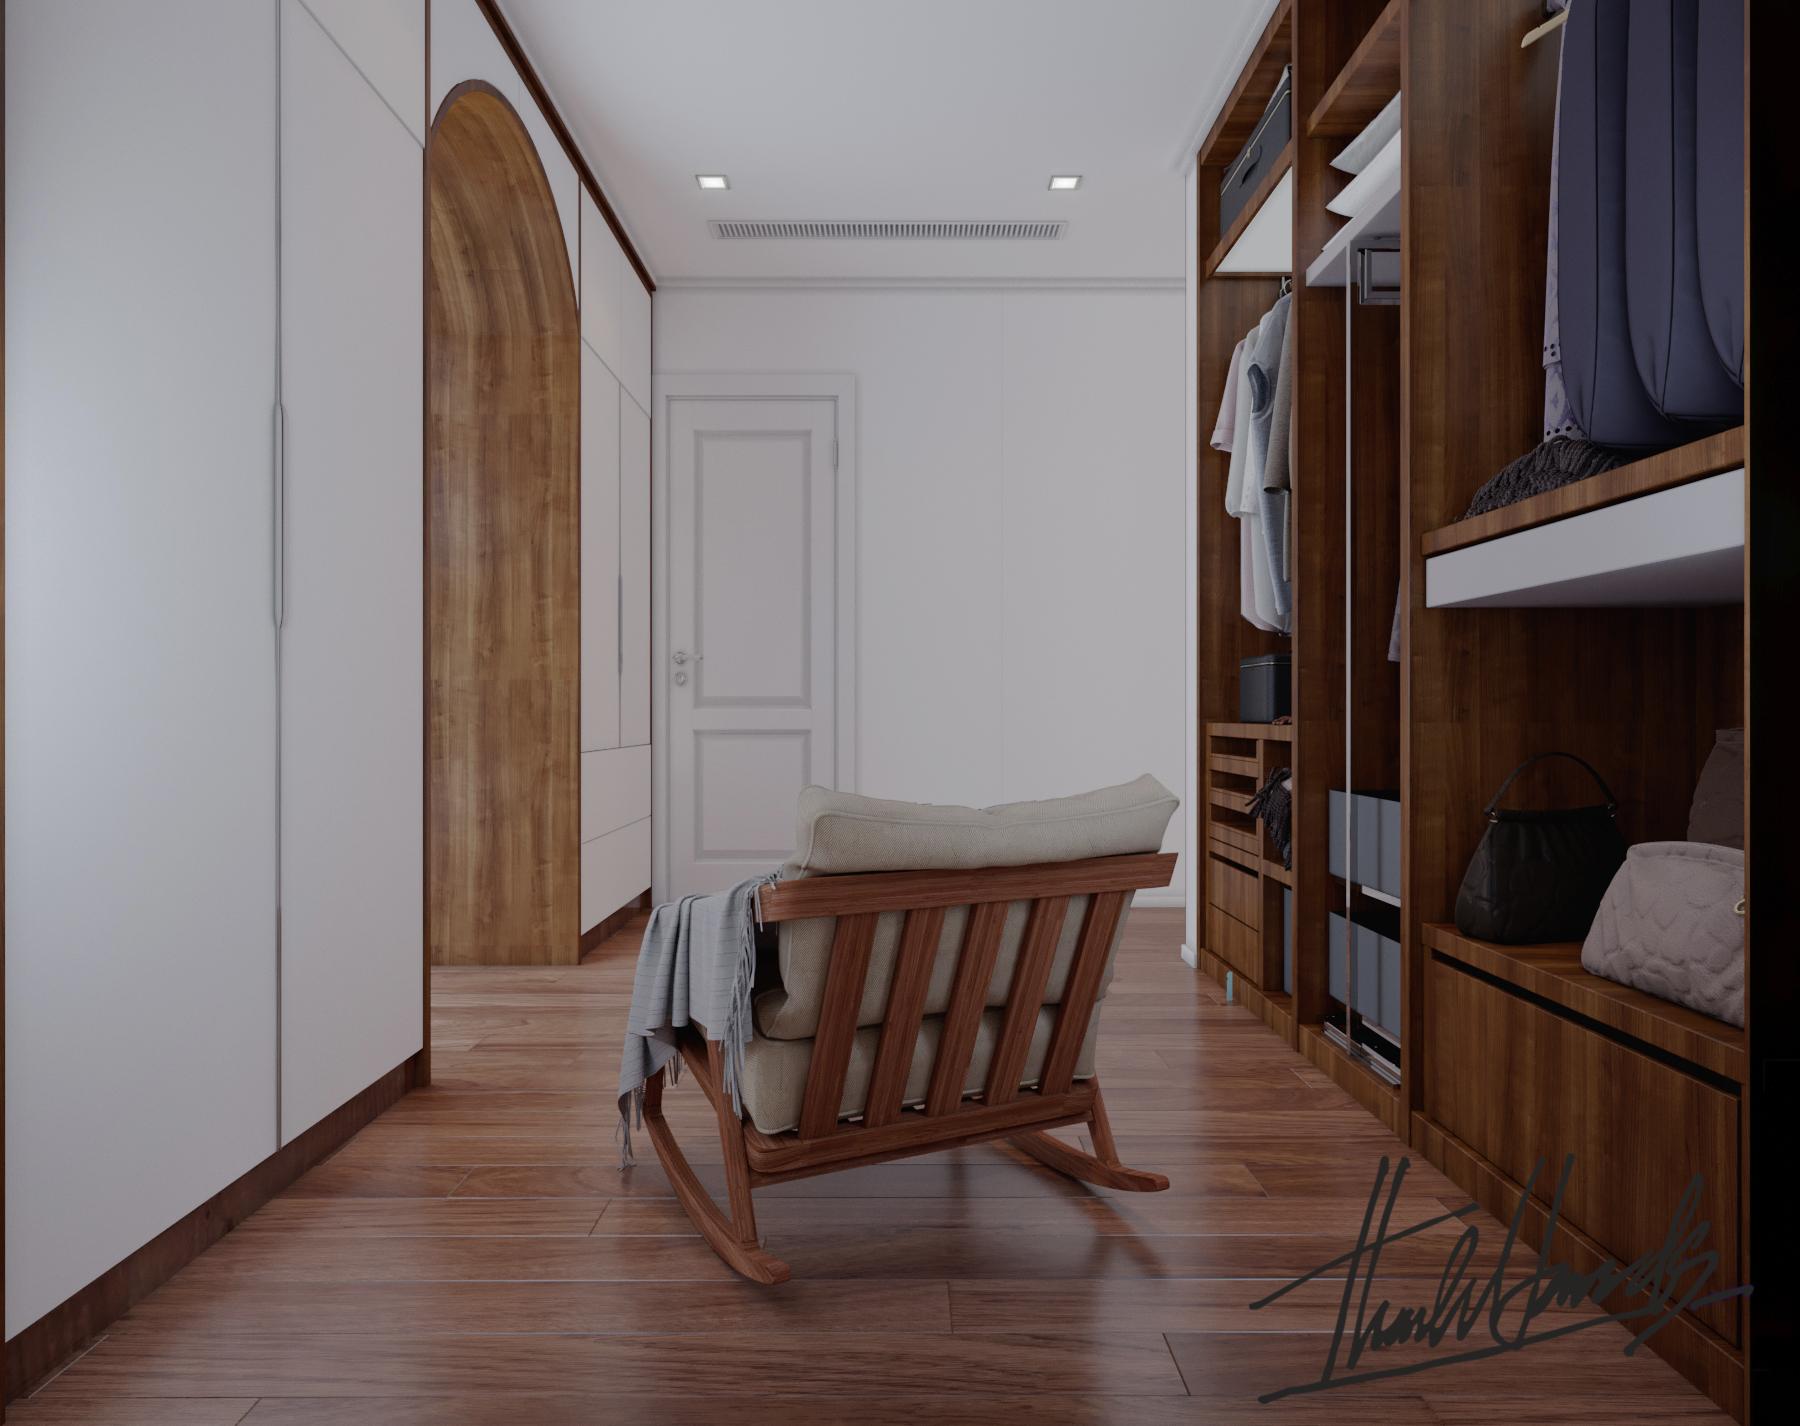 thiết kế nội thất Biệt Thự tại Hải Phòng Biệt thự Vinhomes - imperia ( khu VEN) 21 1568278774